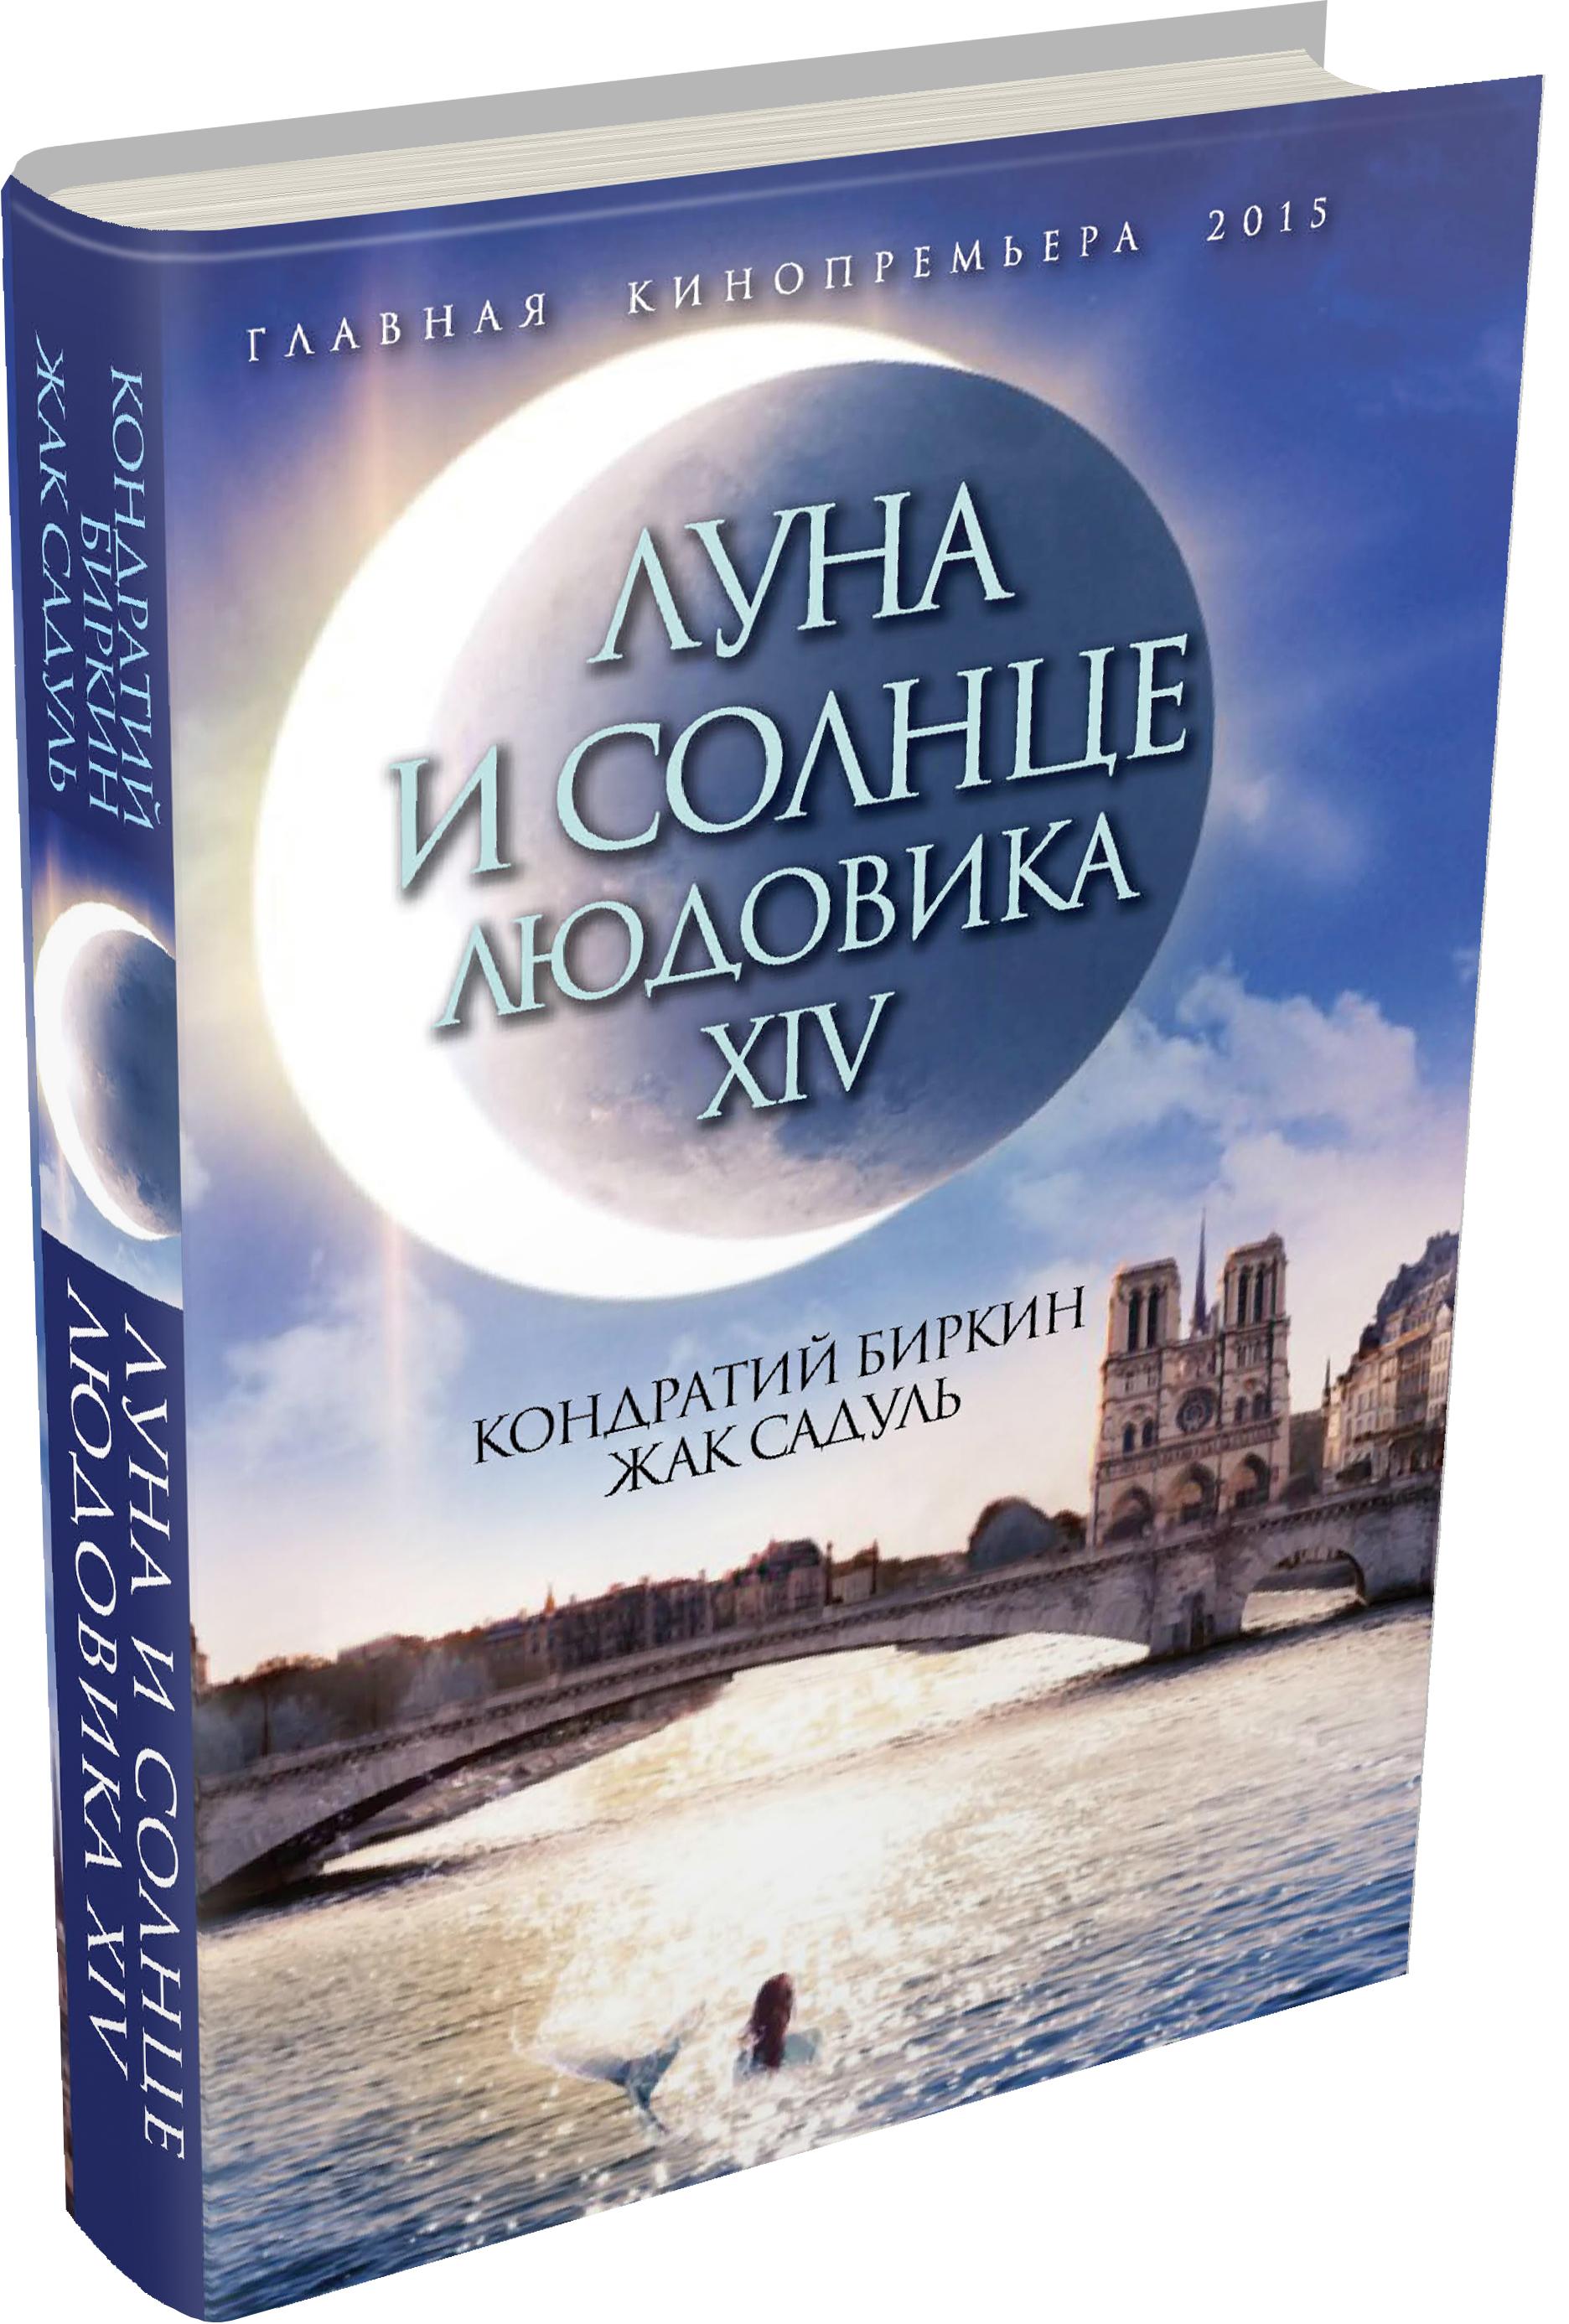 Луна и солнце Людовика XIV от book24.ru